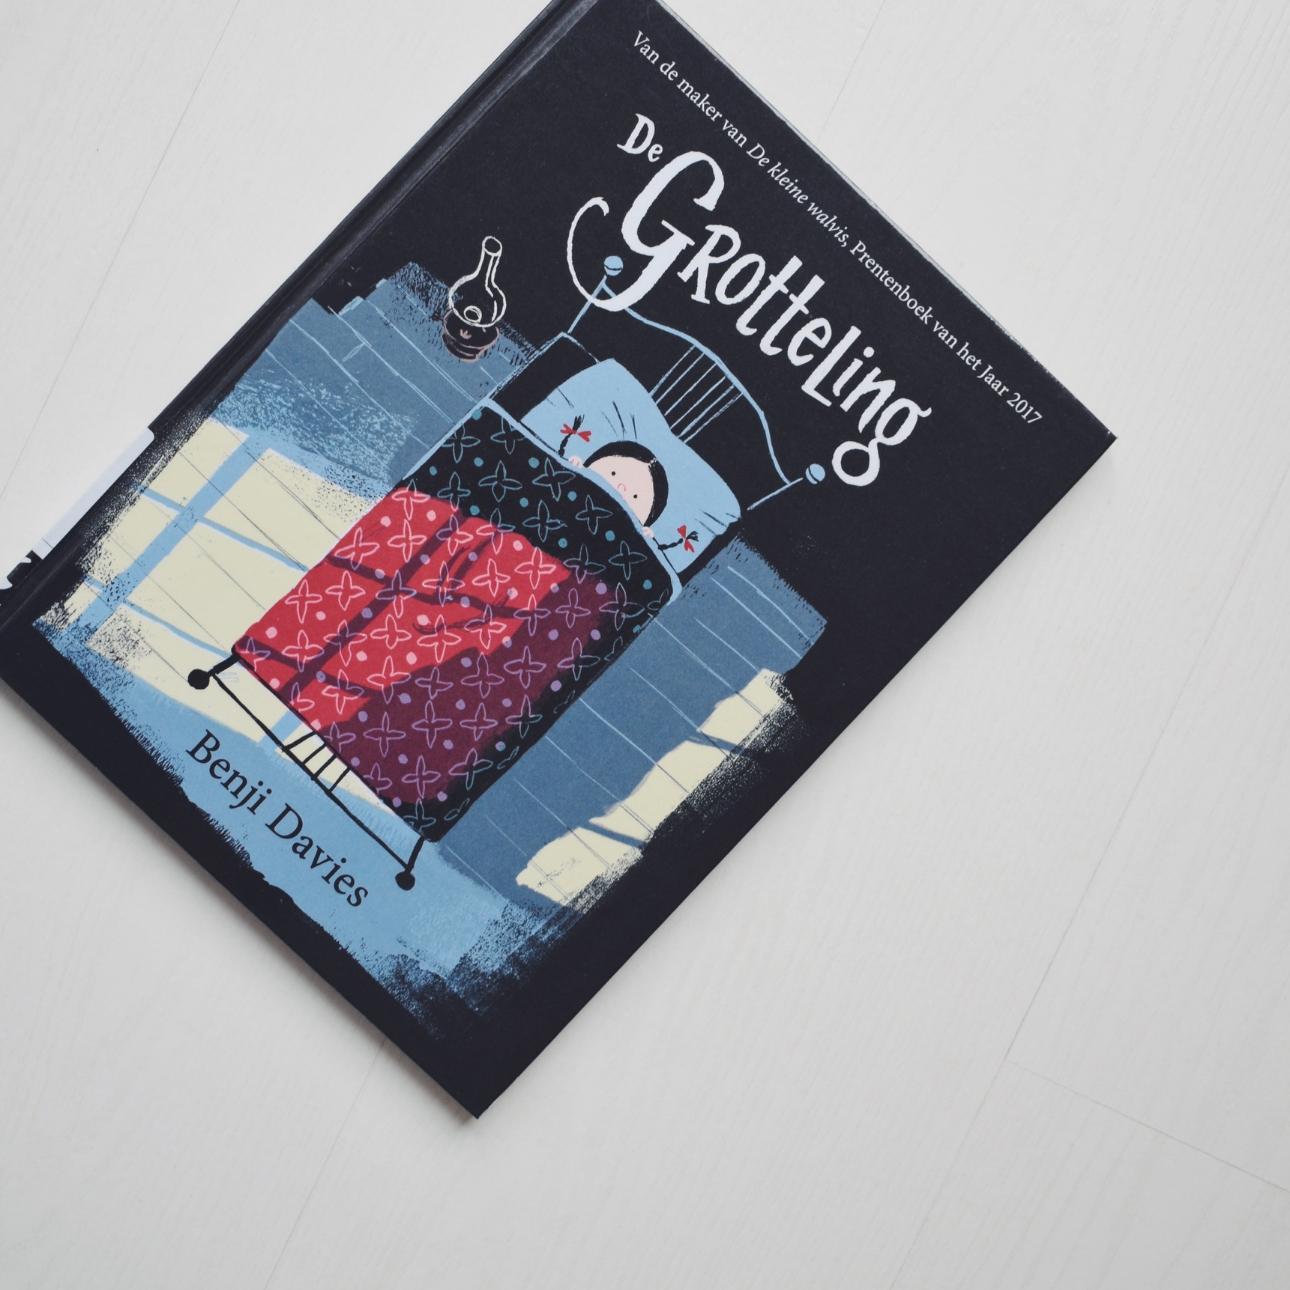 prentenboek de grotteling benji davies